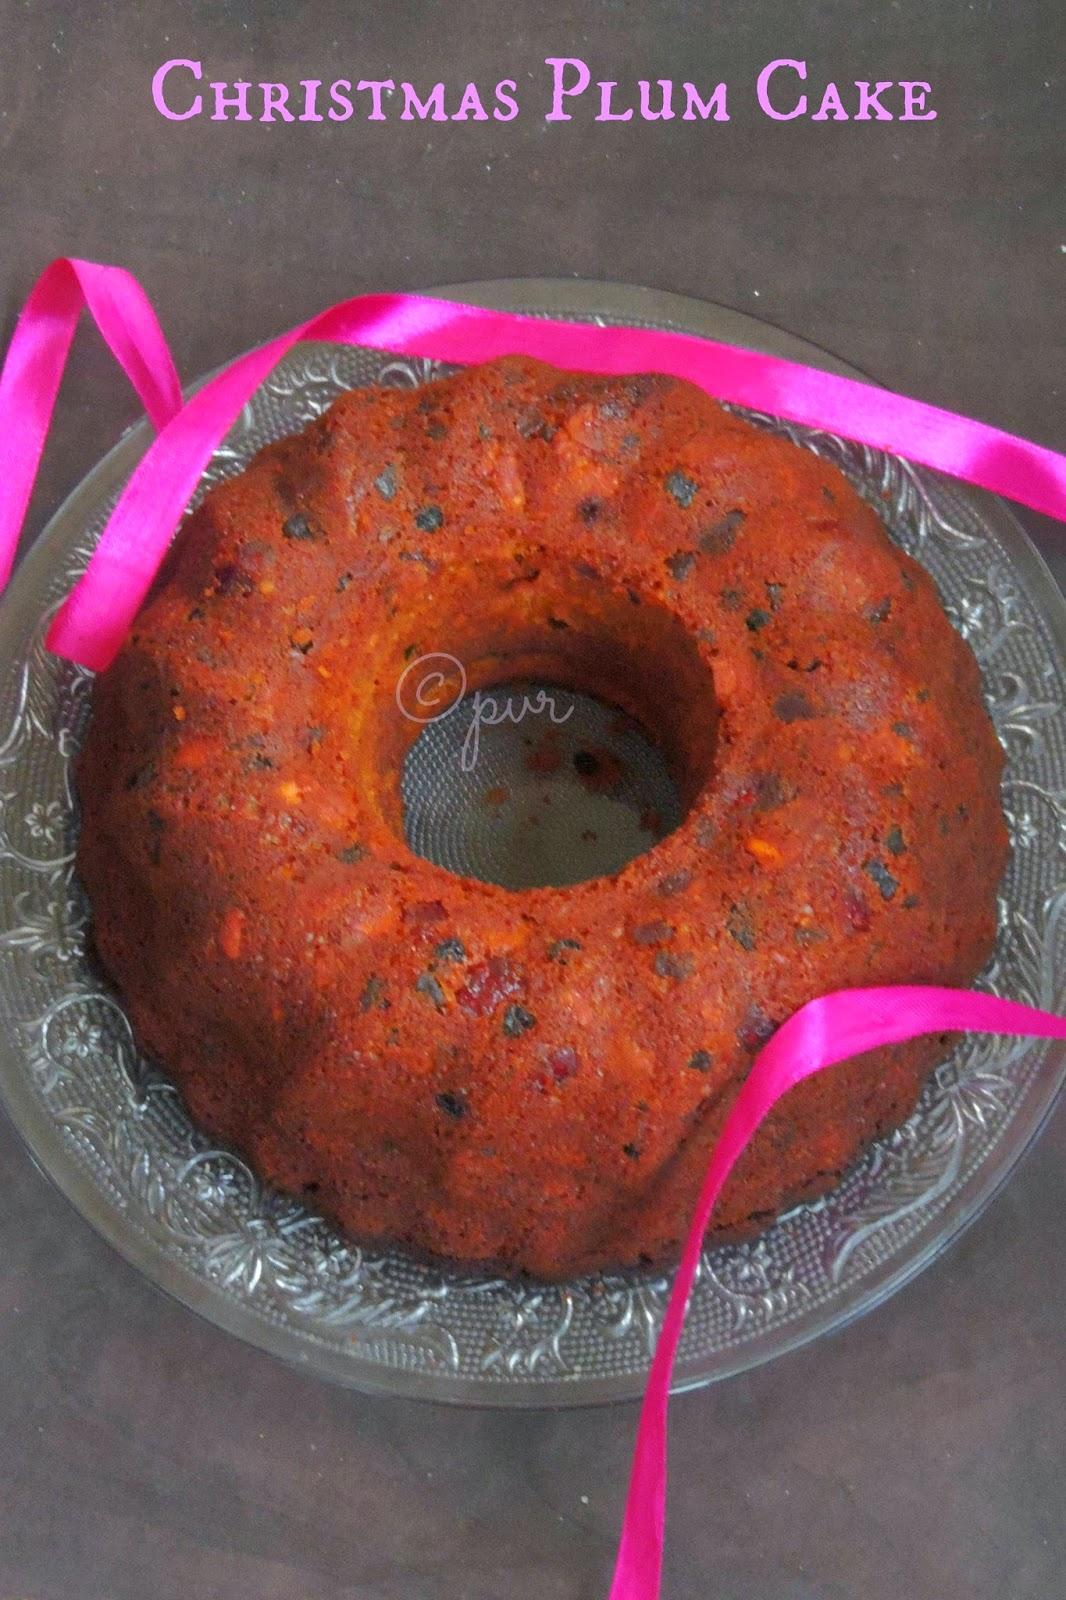 Christmas plum cake